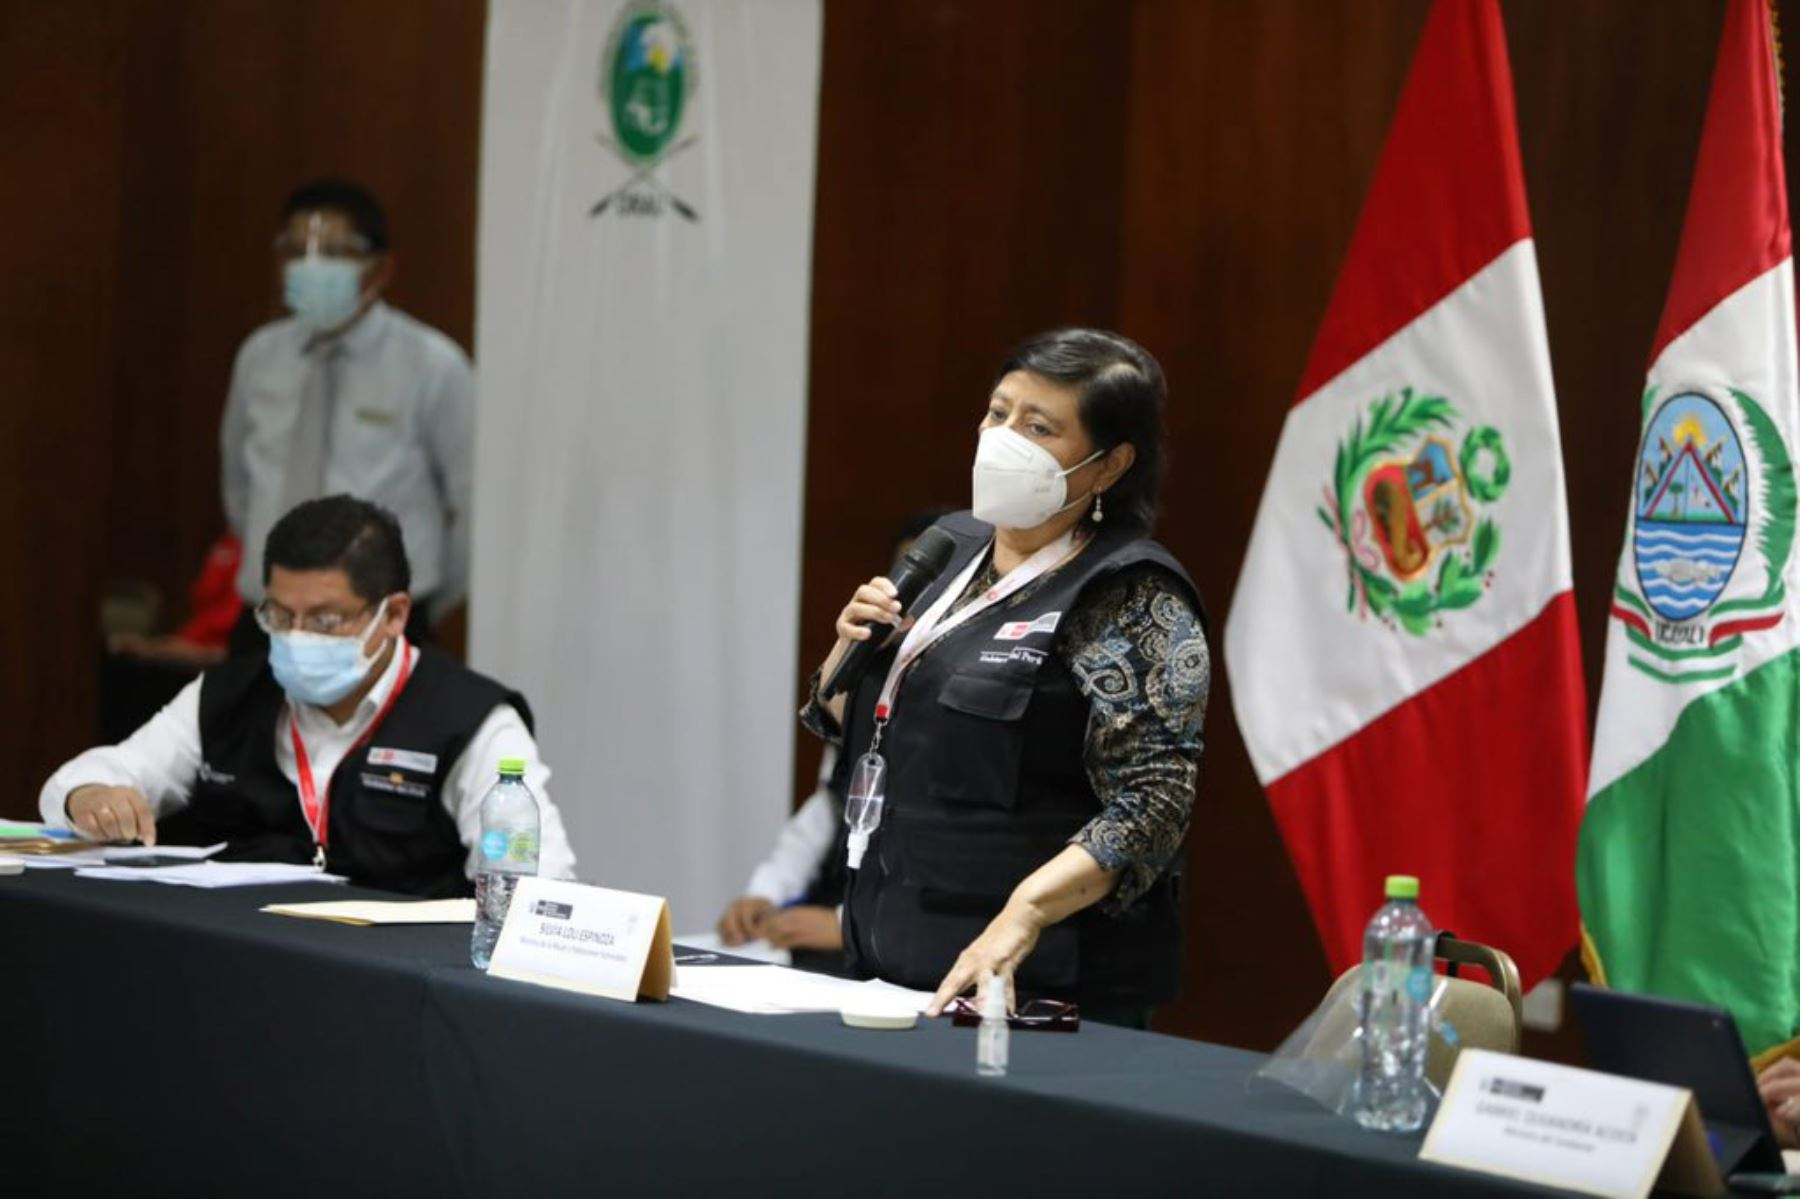 Ministra de la Mujer, Silvia Loli, participa con organizaciones indígenas en marco de la implementación del mecanismo intersectorial para la protección de las personas defensoras de DD.HH. Foto: ANDINA/MIMP